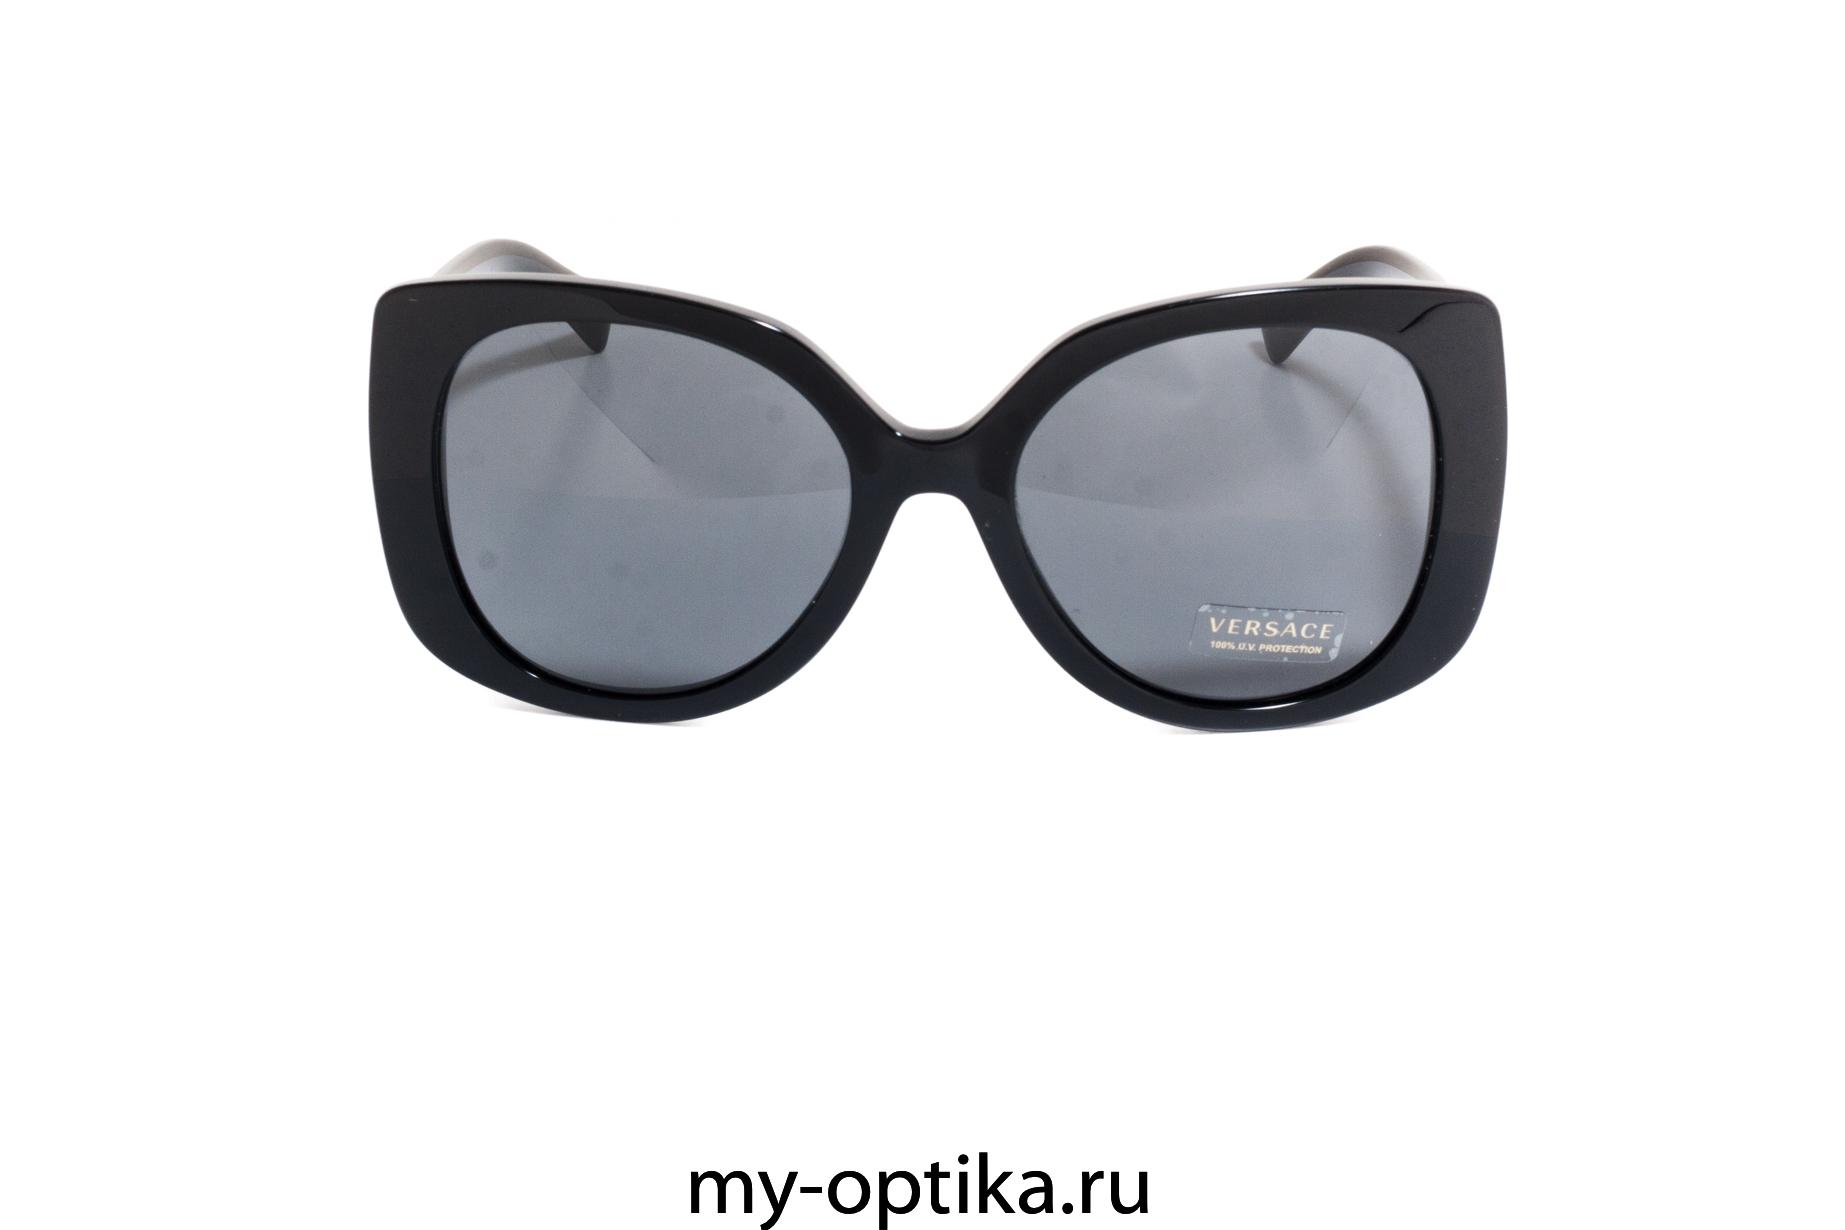 Очки Versace 4387 GB1/87